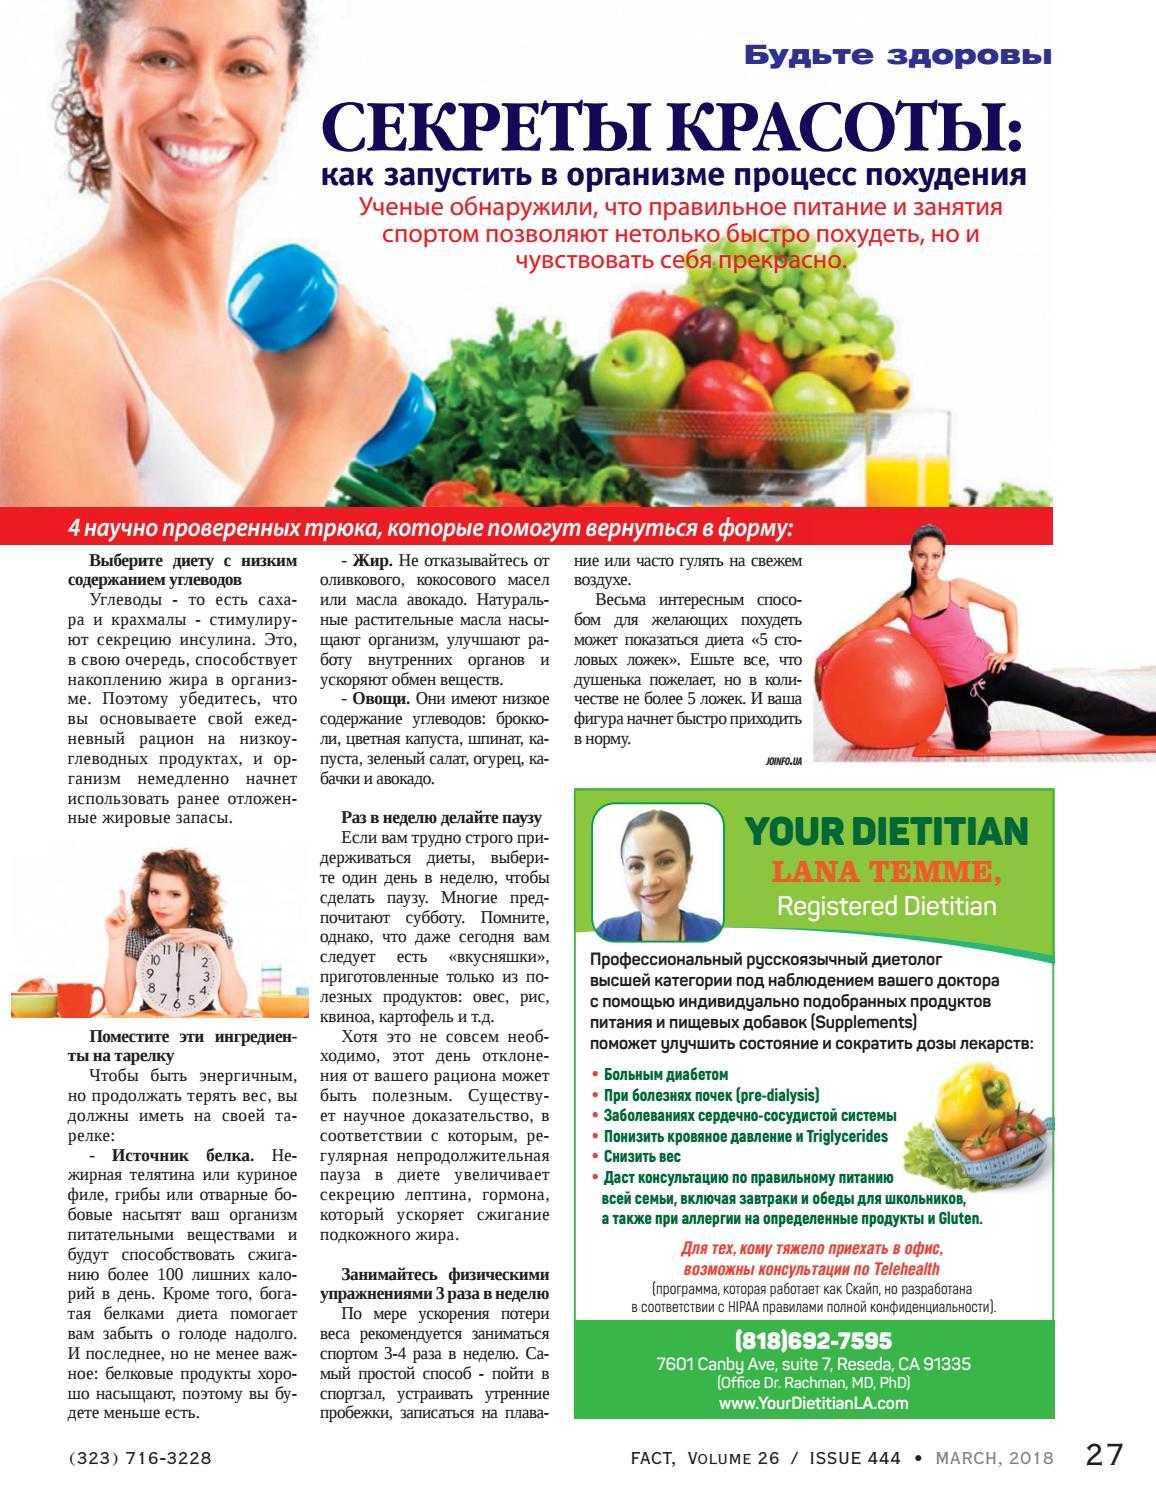 Узнайте что происходит с вашим организмом во время похудения Полный список этапов изменений организма при снижении веса на нашем портале